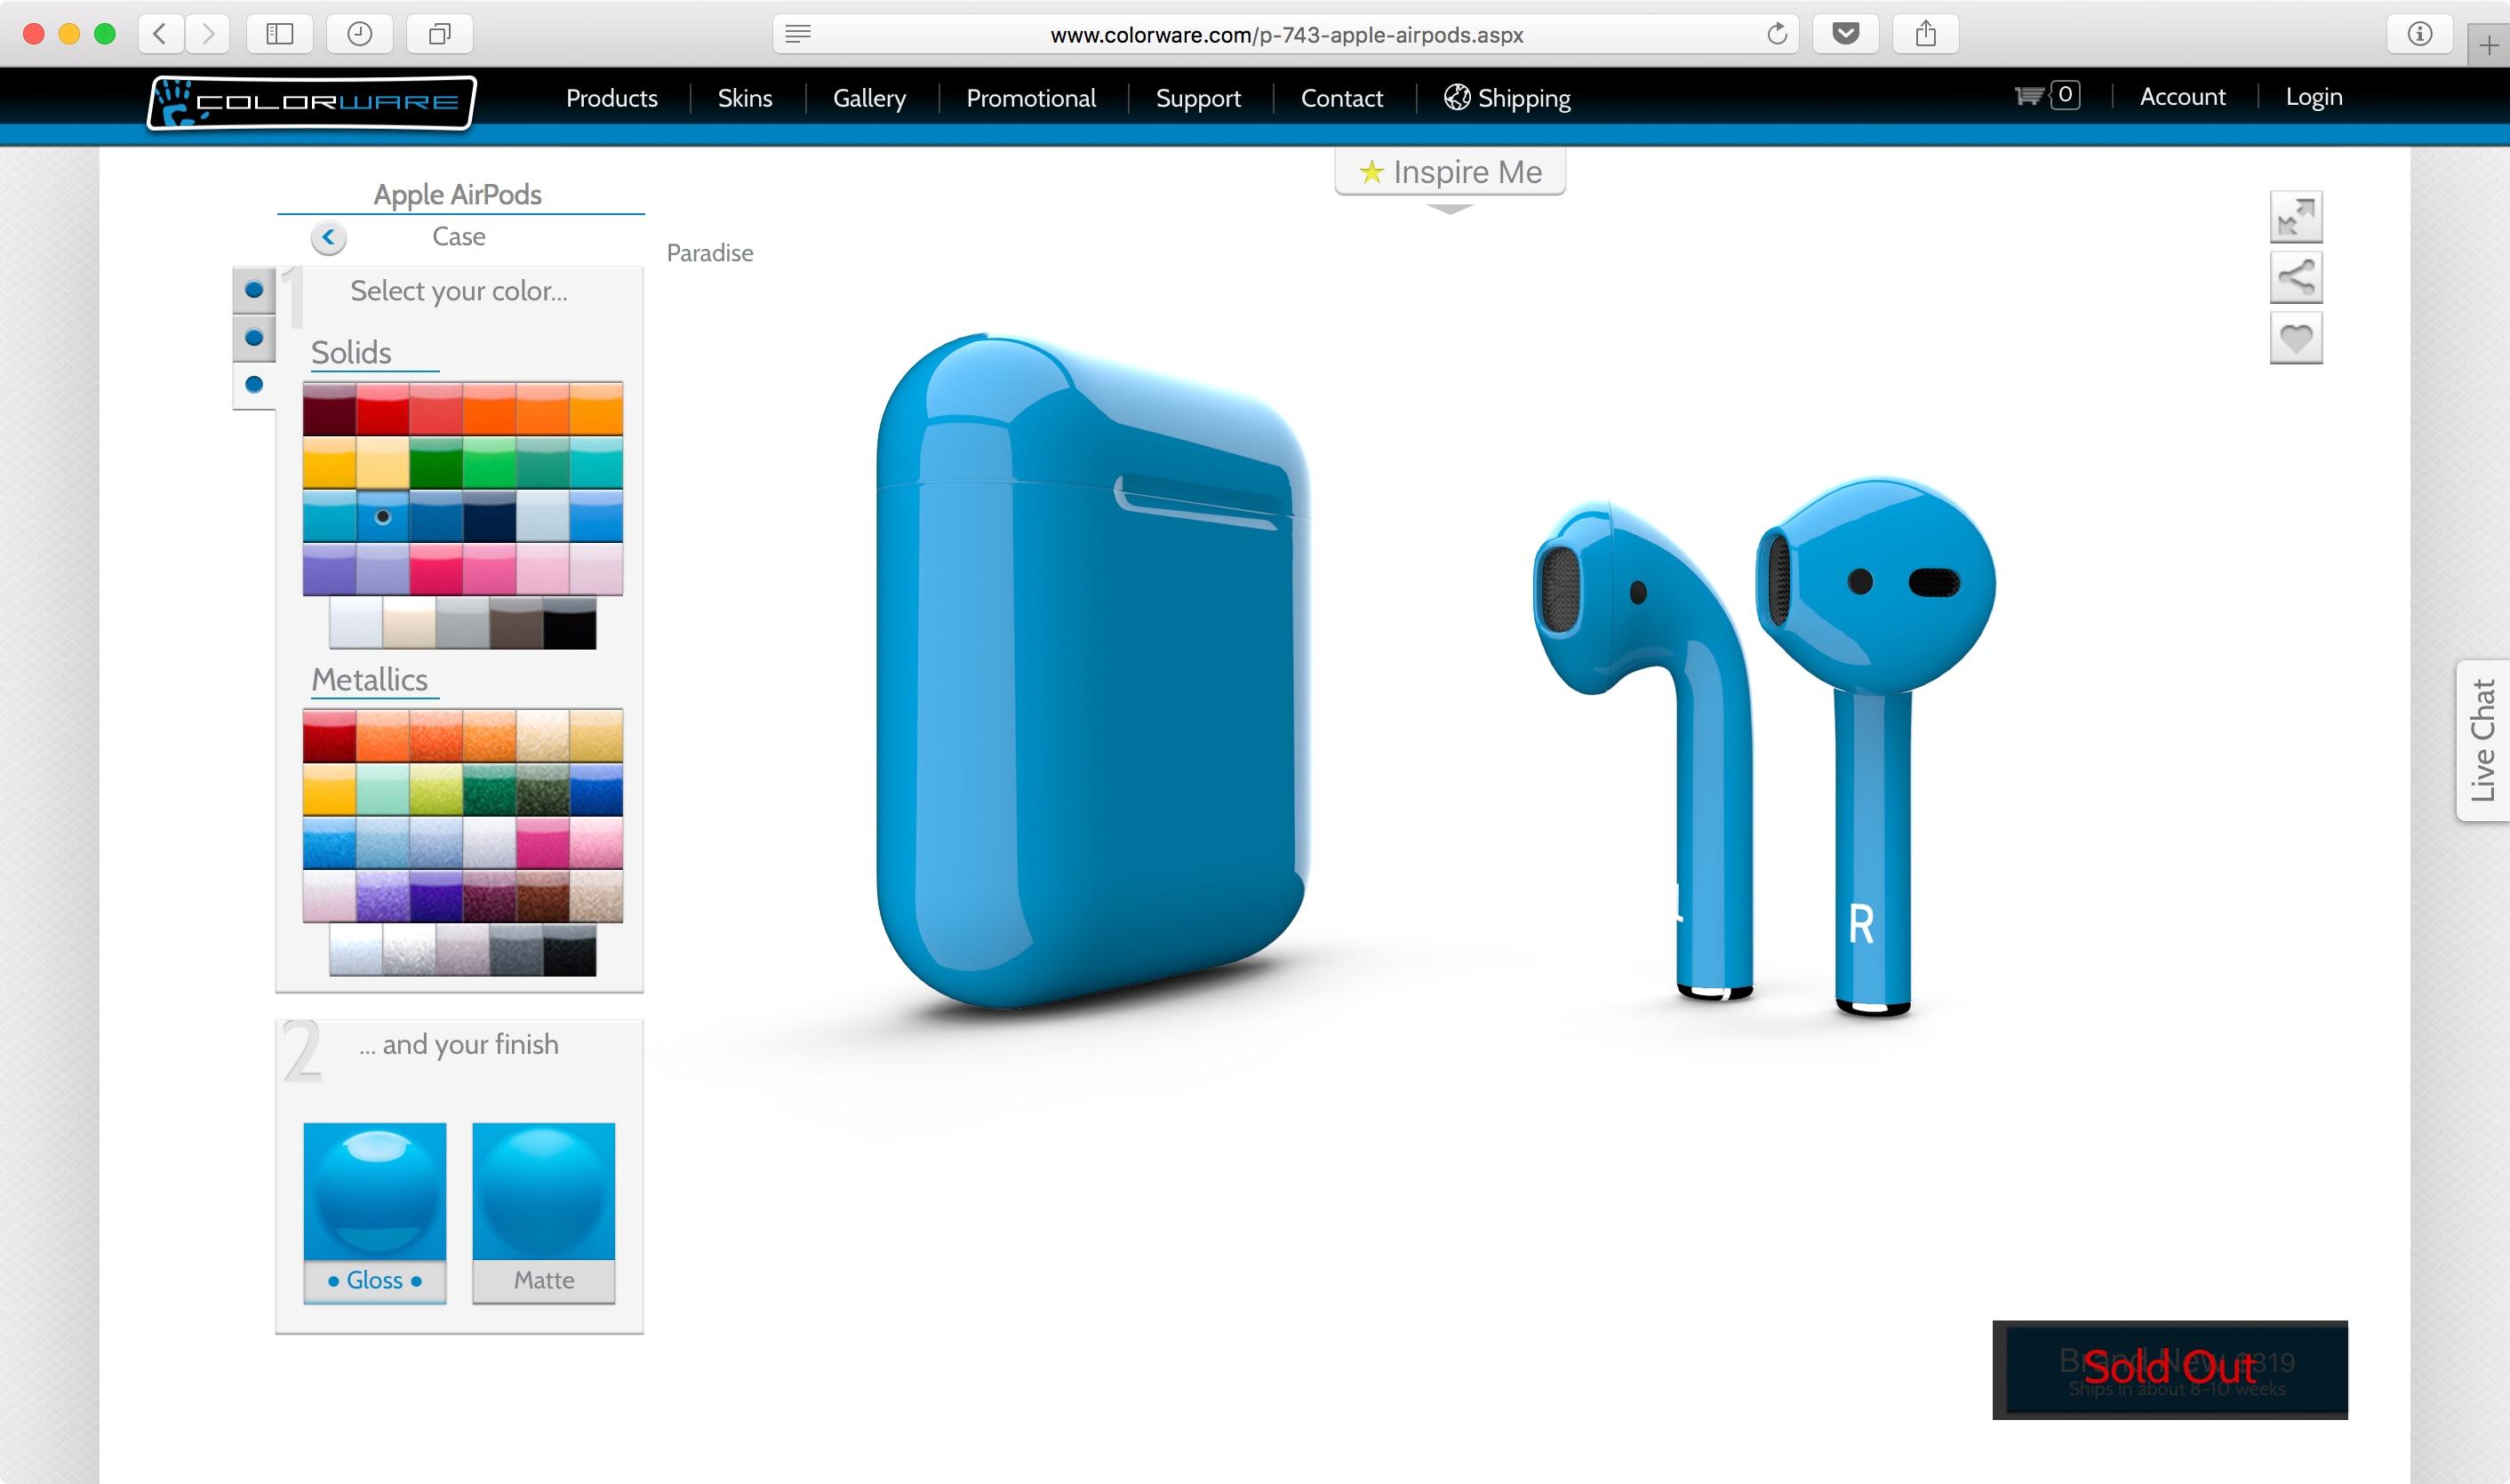 Personalizando AirPods no site da ColorWare